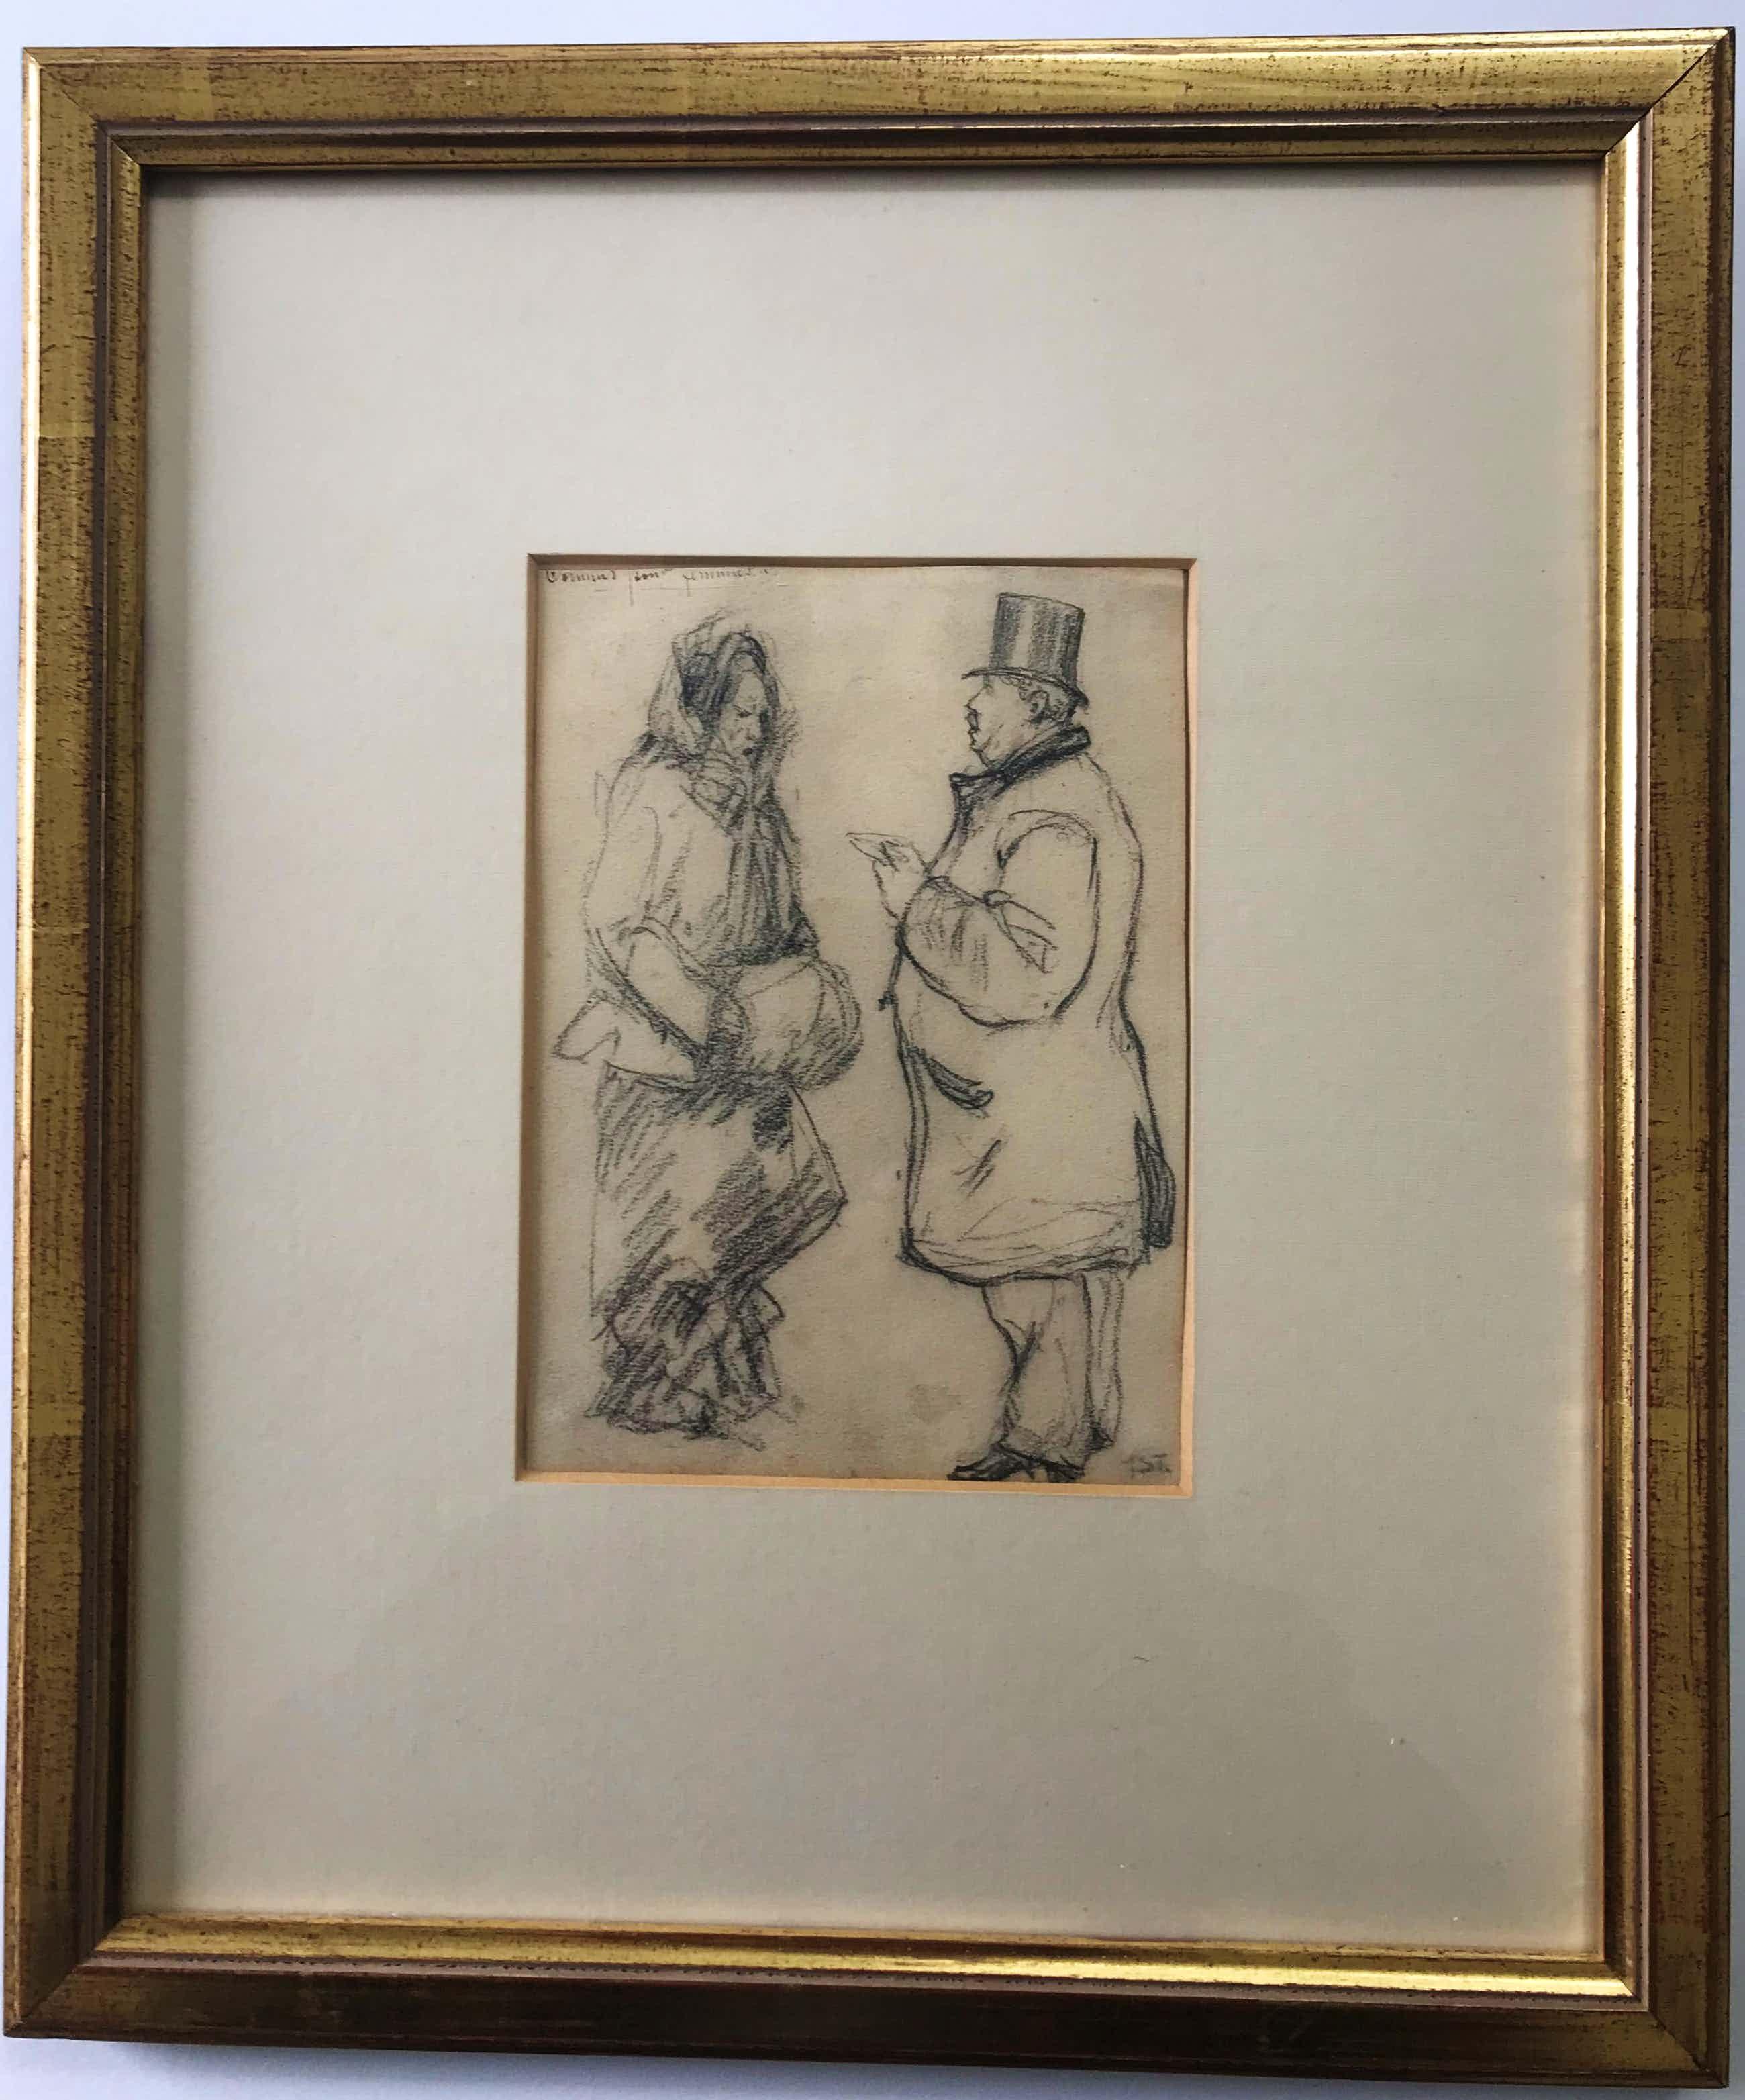 Theophile Alexandre Steinlen - Twee figuren, een brief voor mevrouw kopen? Bied vanaf 200!